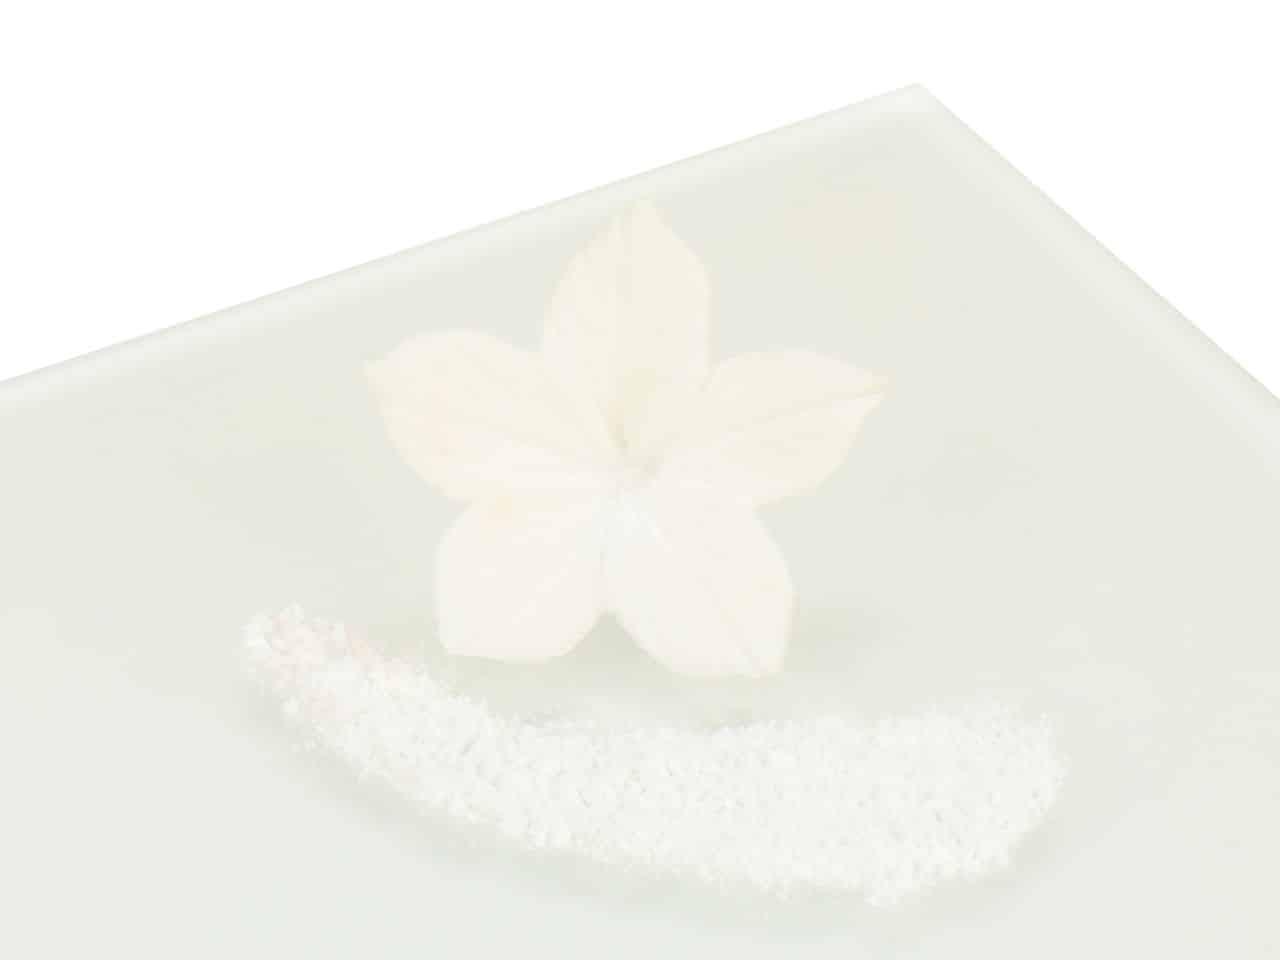 Puderfarbe White - Snow Drift 5 g V01